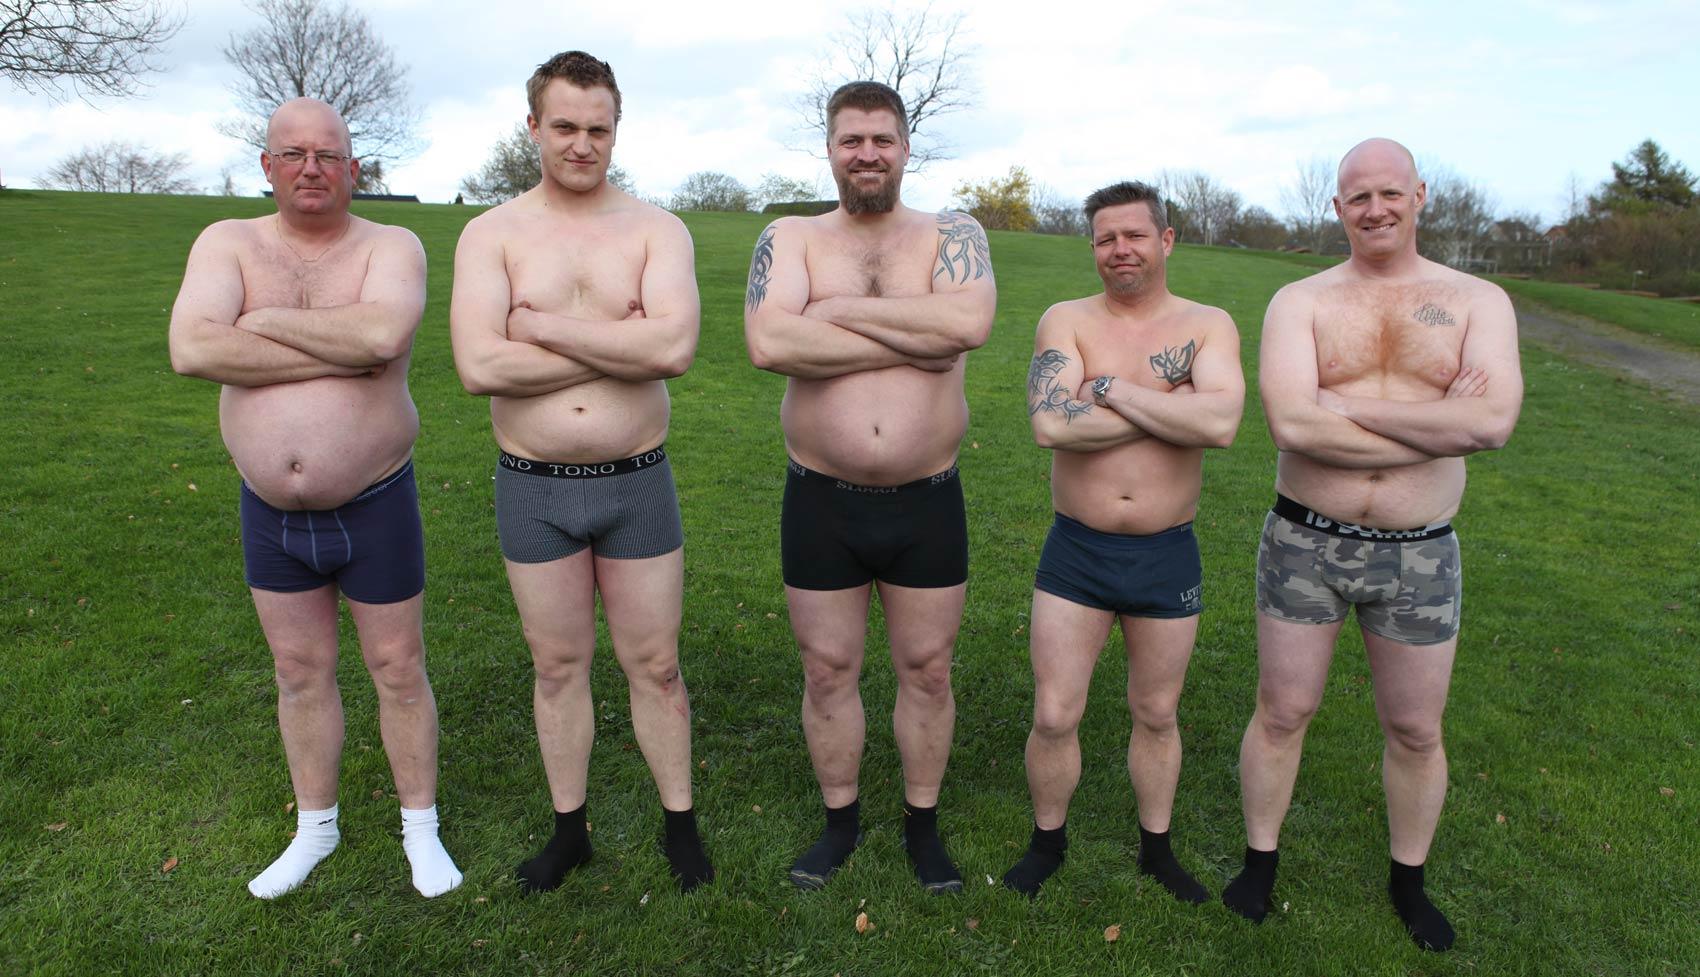 mænd i dameundertøj saltvandsbryster